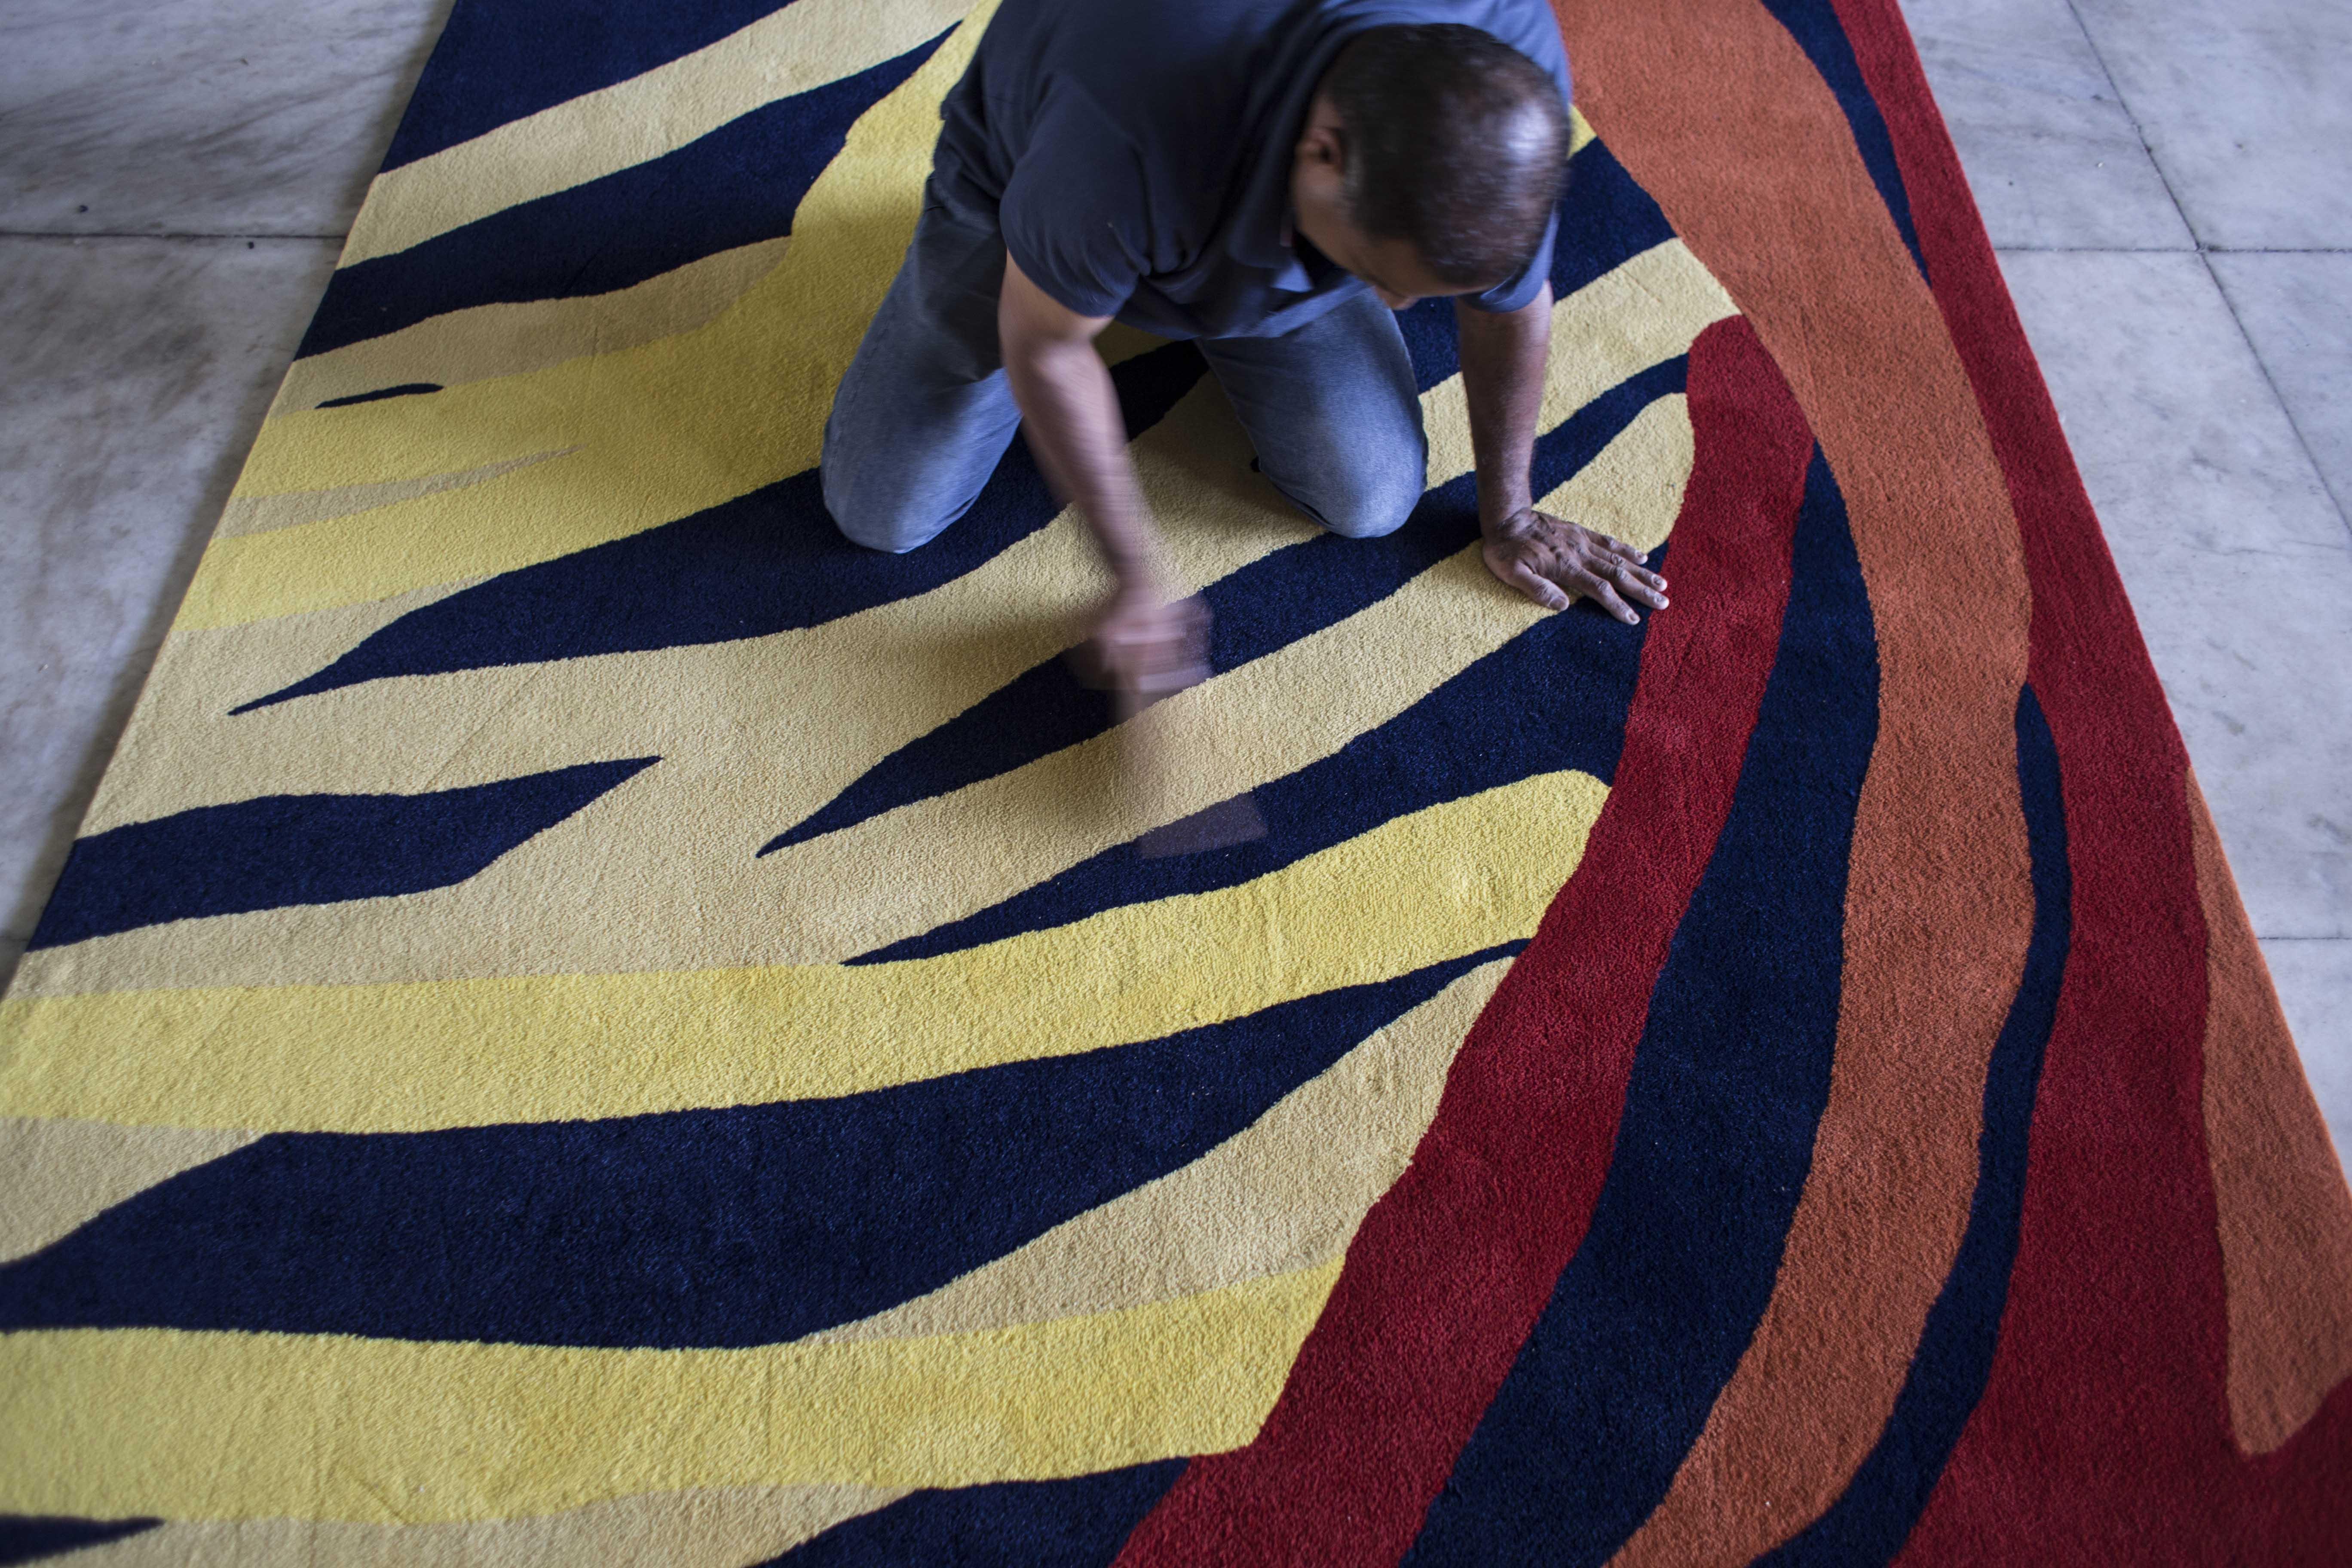 Protótipo da tapeçaria por Daniela Agostini